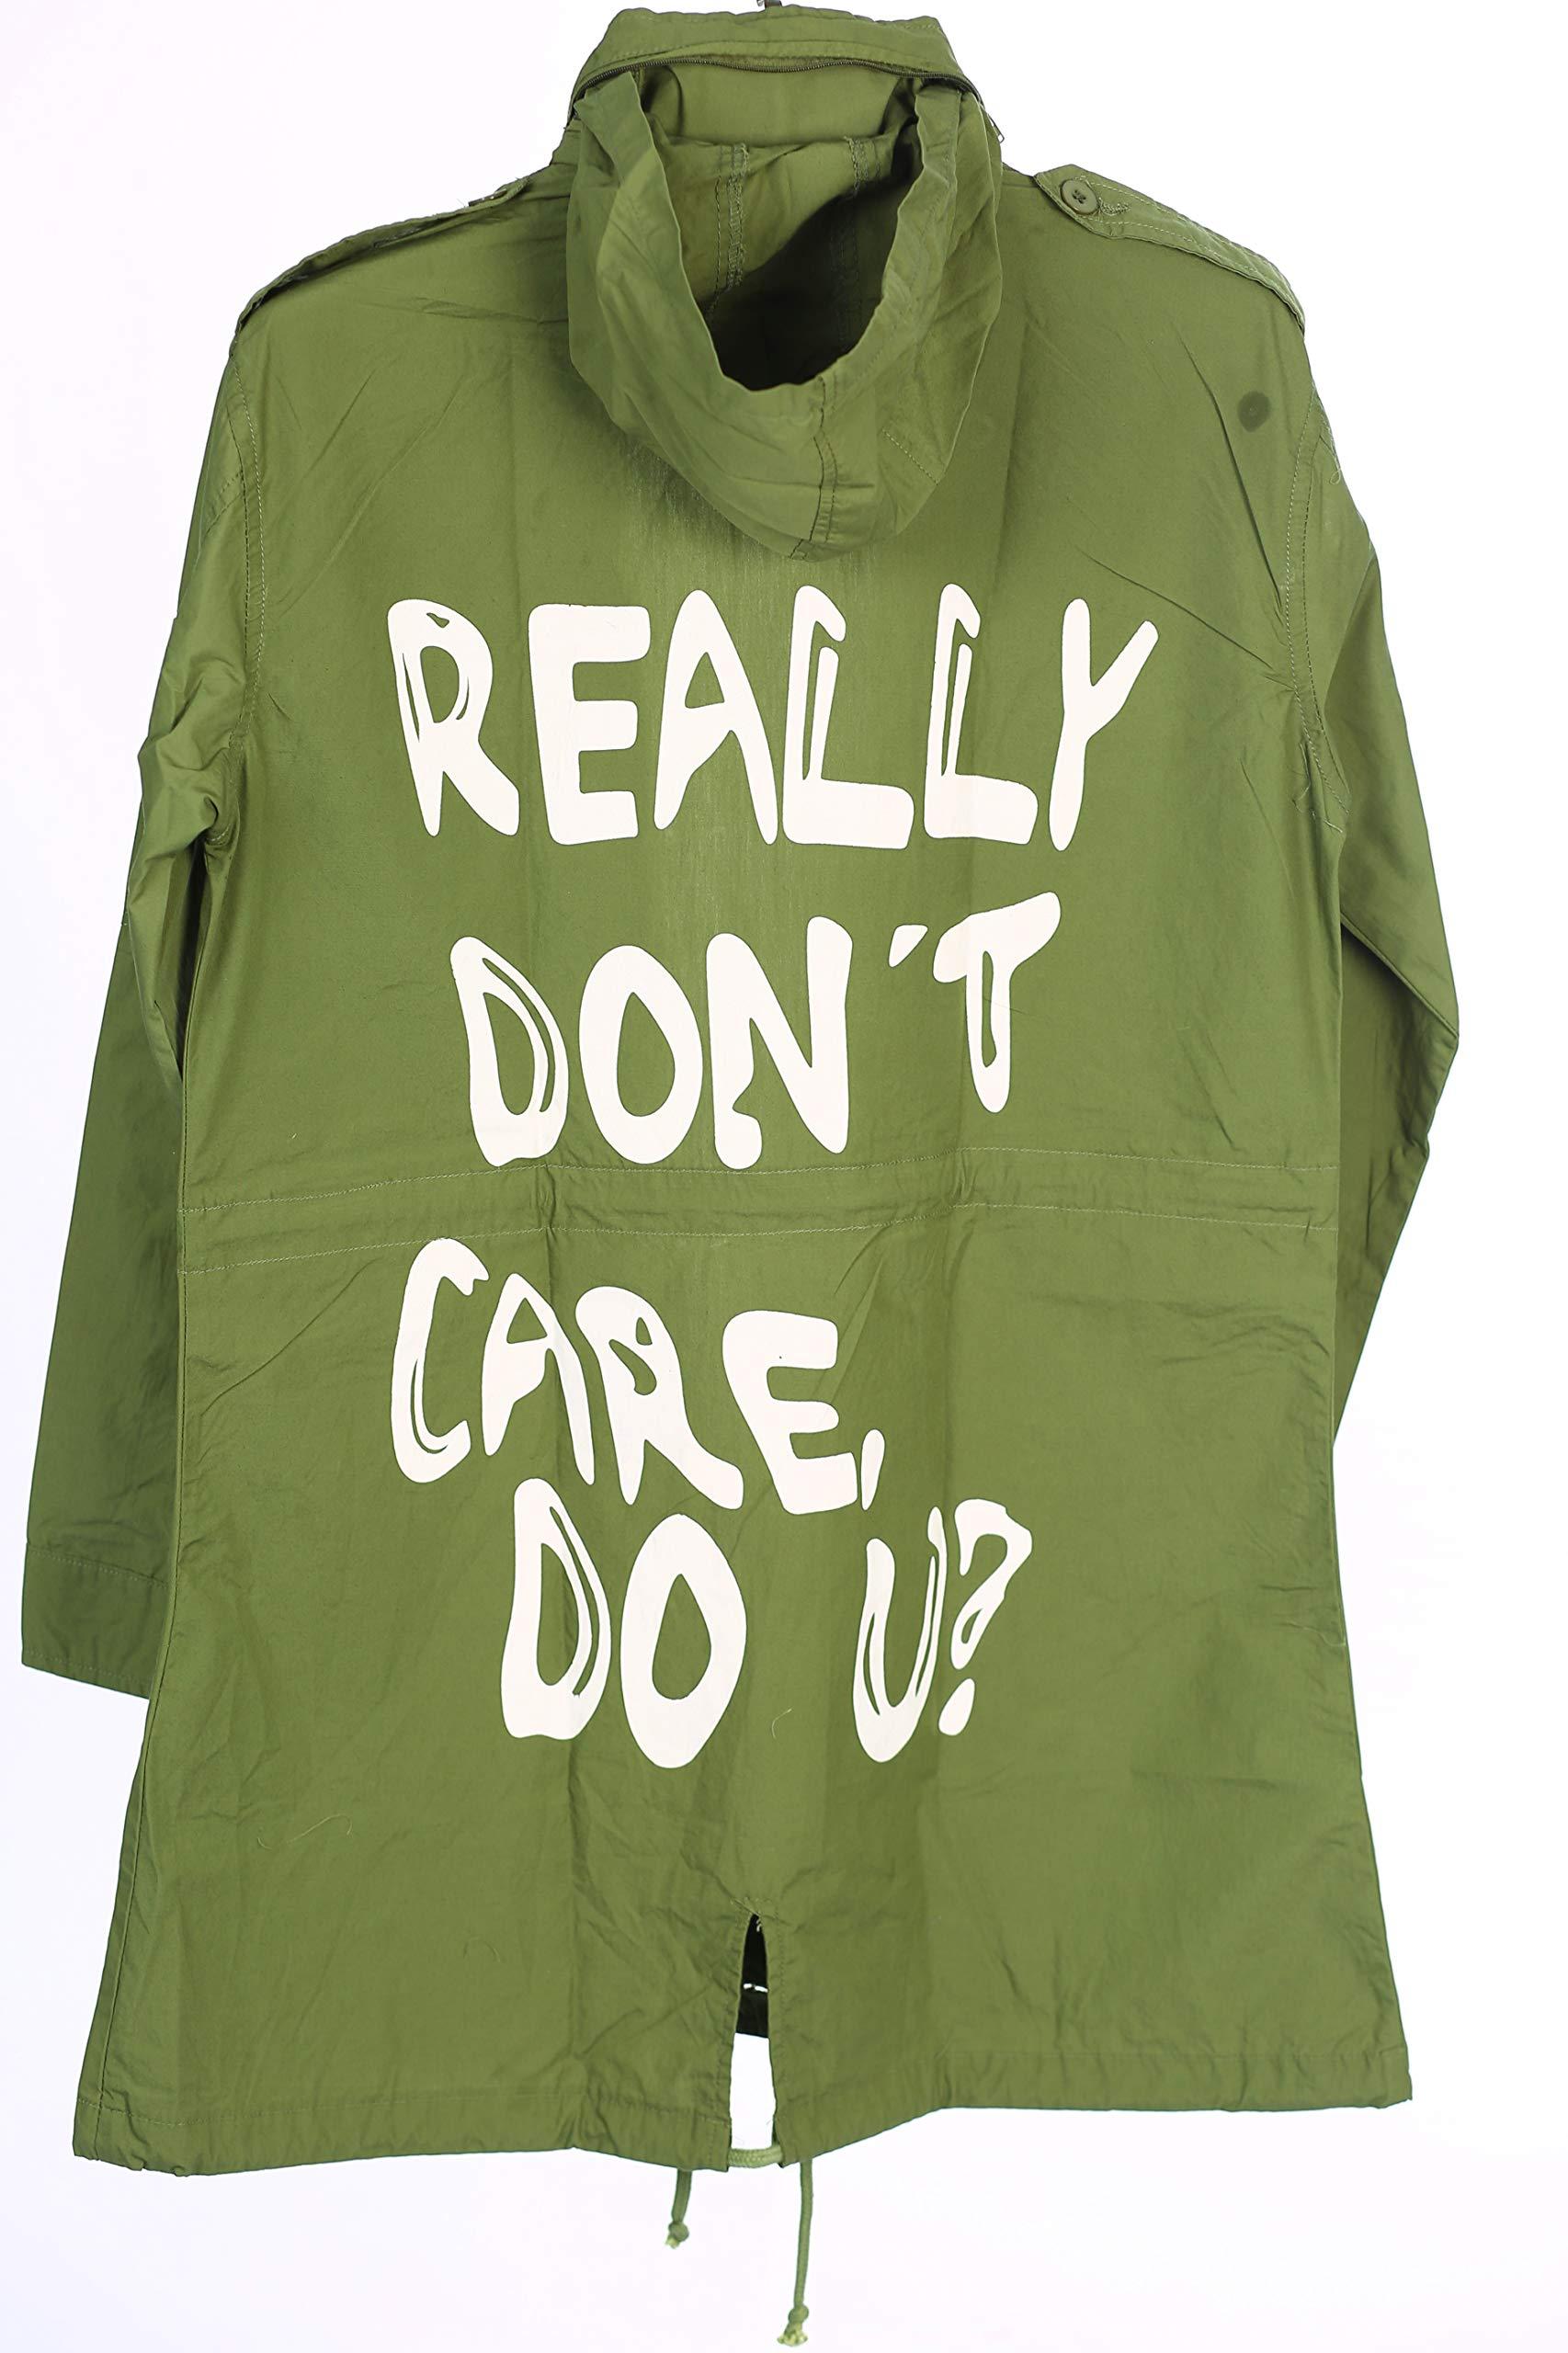 NEXT ATLANTIC Hooded Parka Army Green Jacket-I Really Don't Care Melania Trump Coat by NEXT ATLANTIC